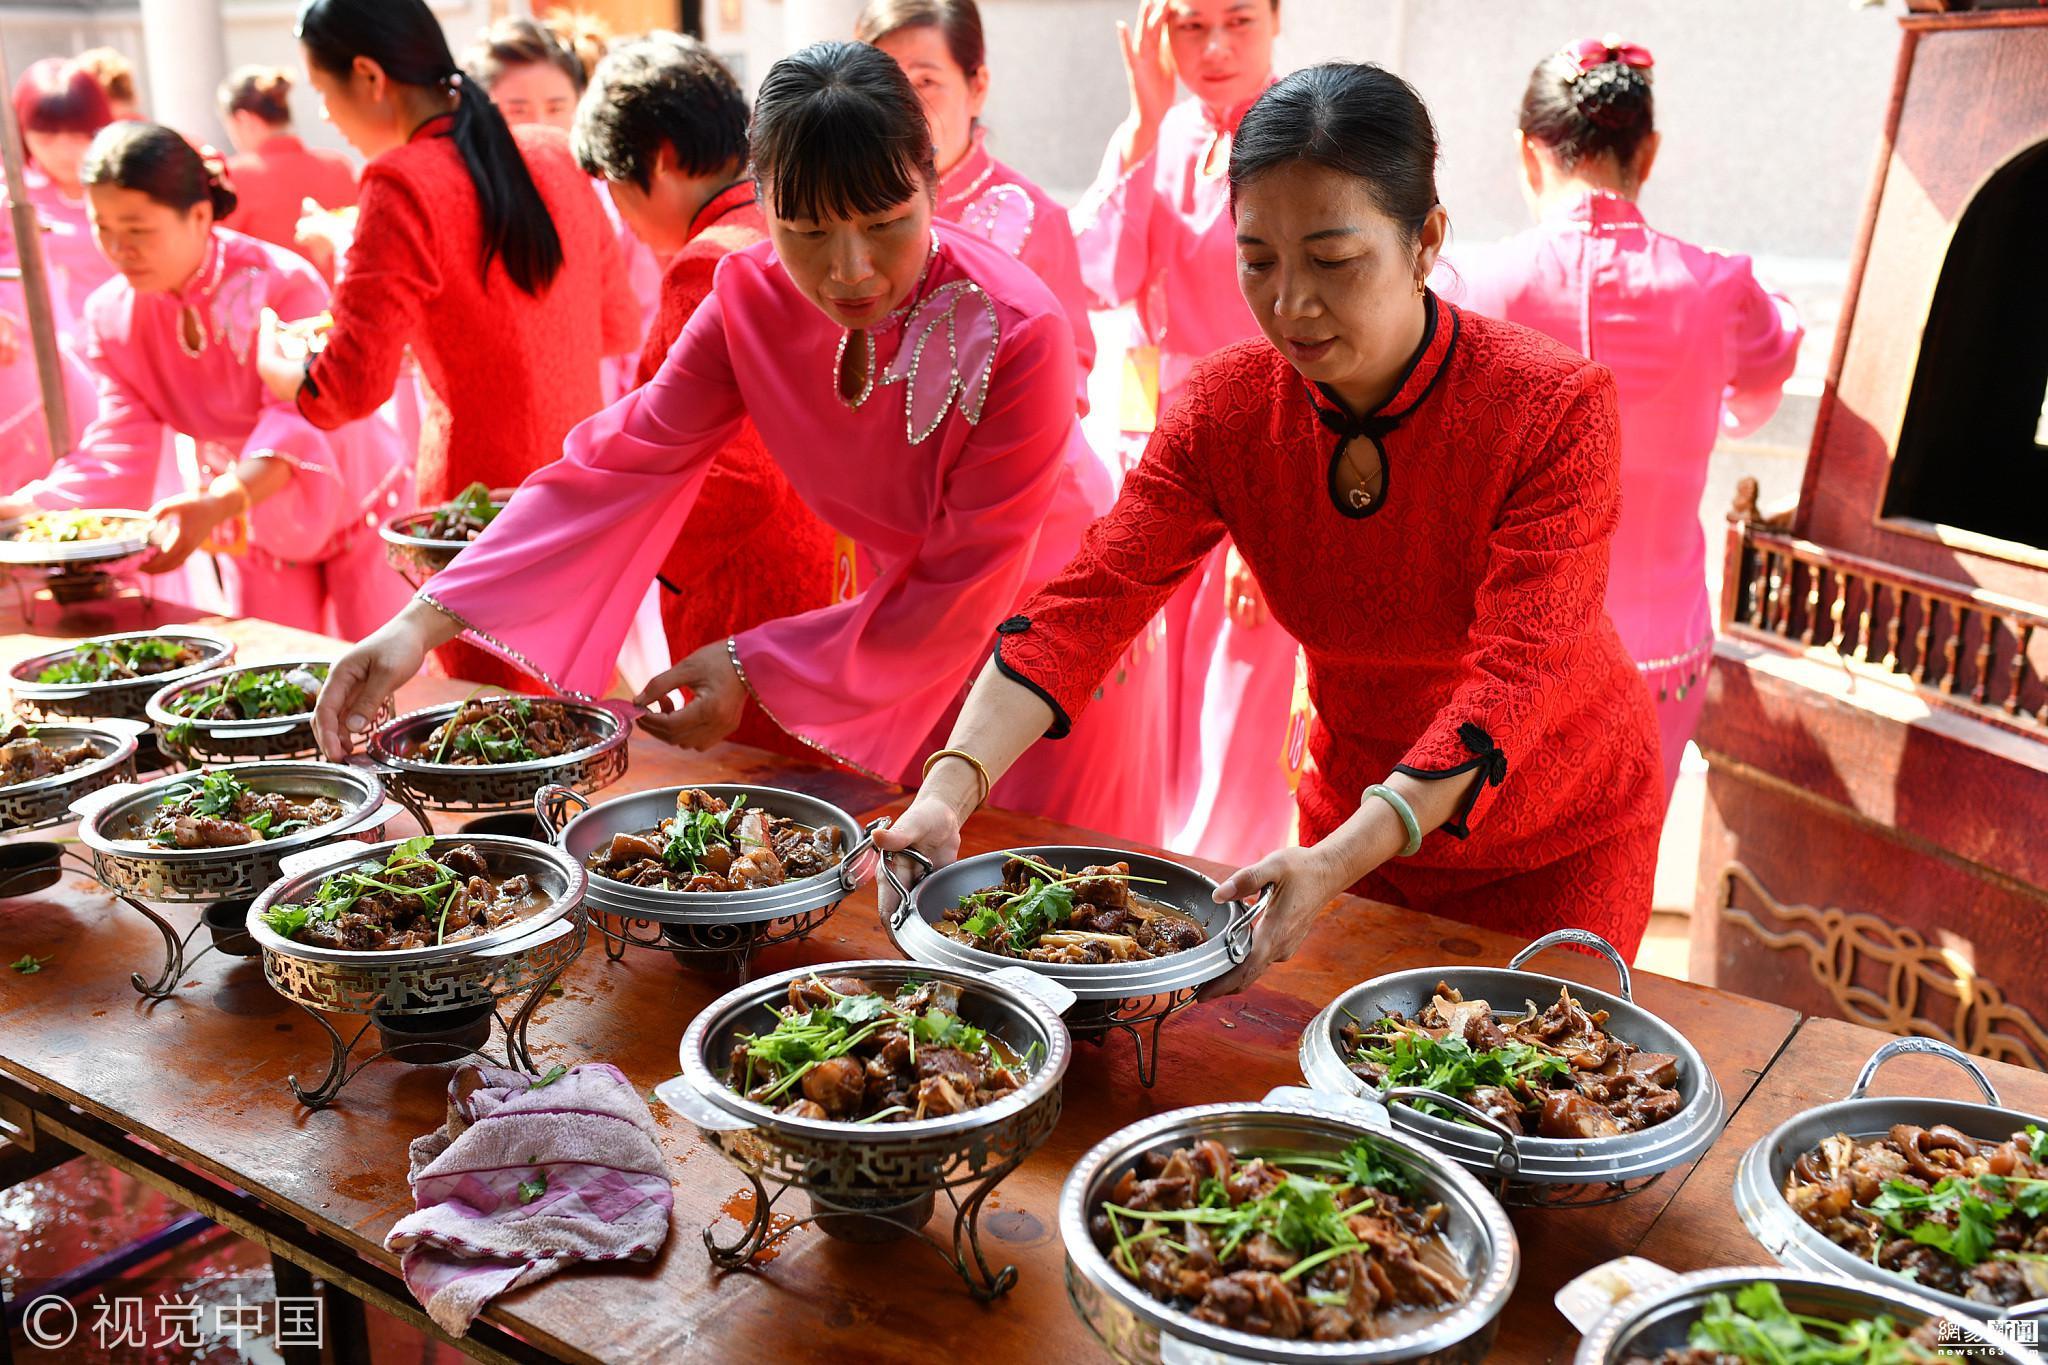 农村办宴席850元16道菜 媲美星级酒店! - 周公乐 - xinhua8848 的博客